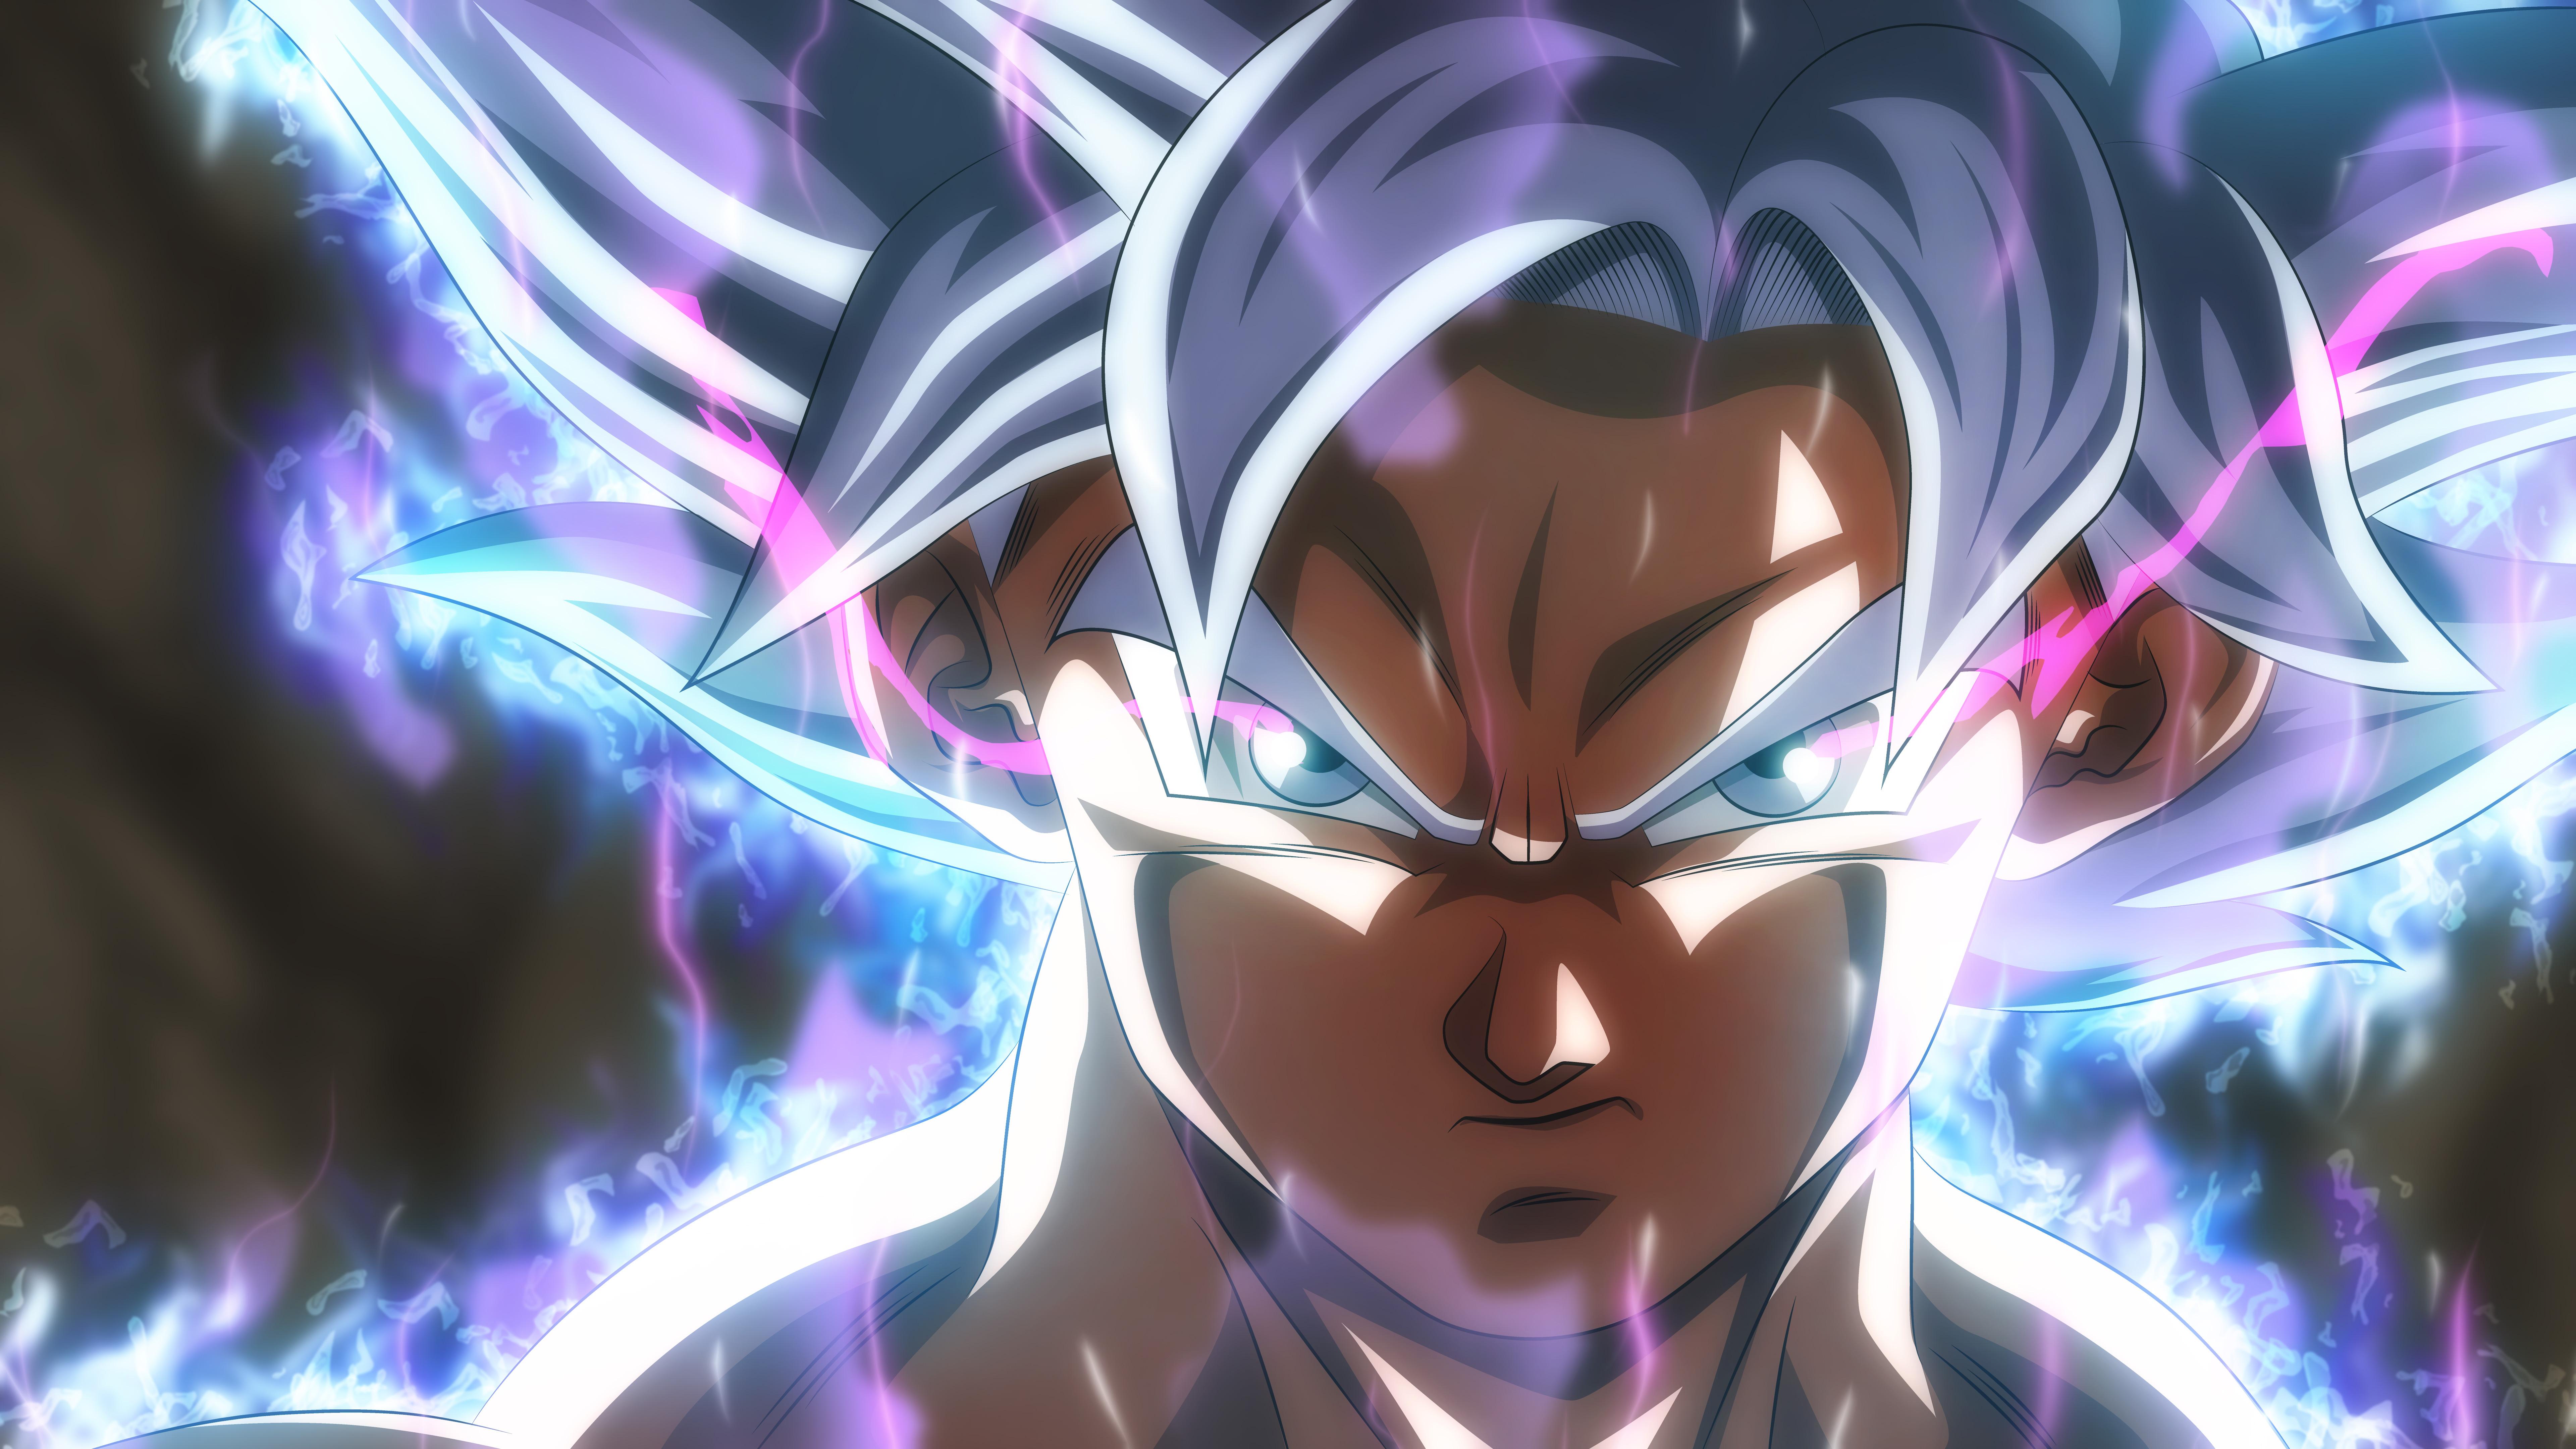 Son Goku Dragon Ball Super 8k Anime Hd Anime 4k Wallpapers